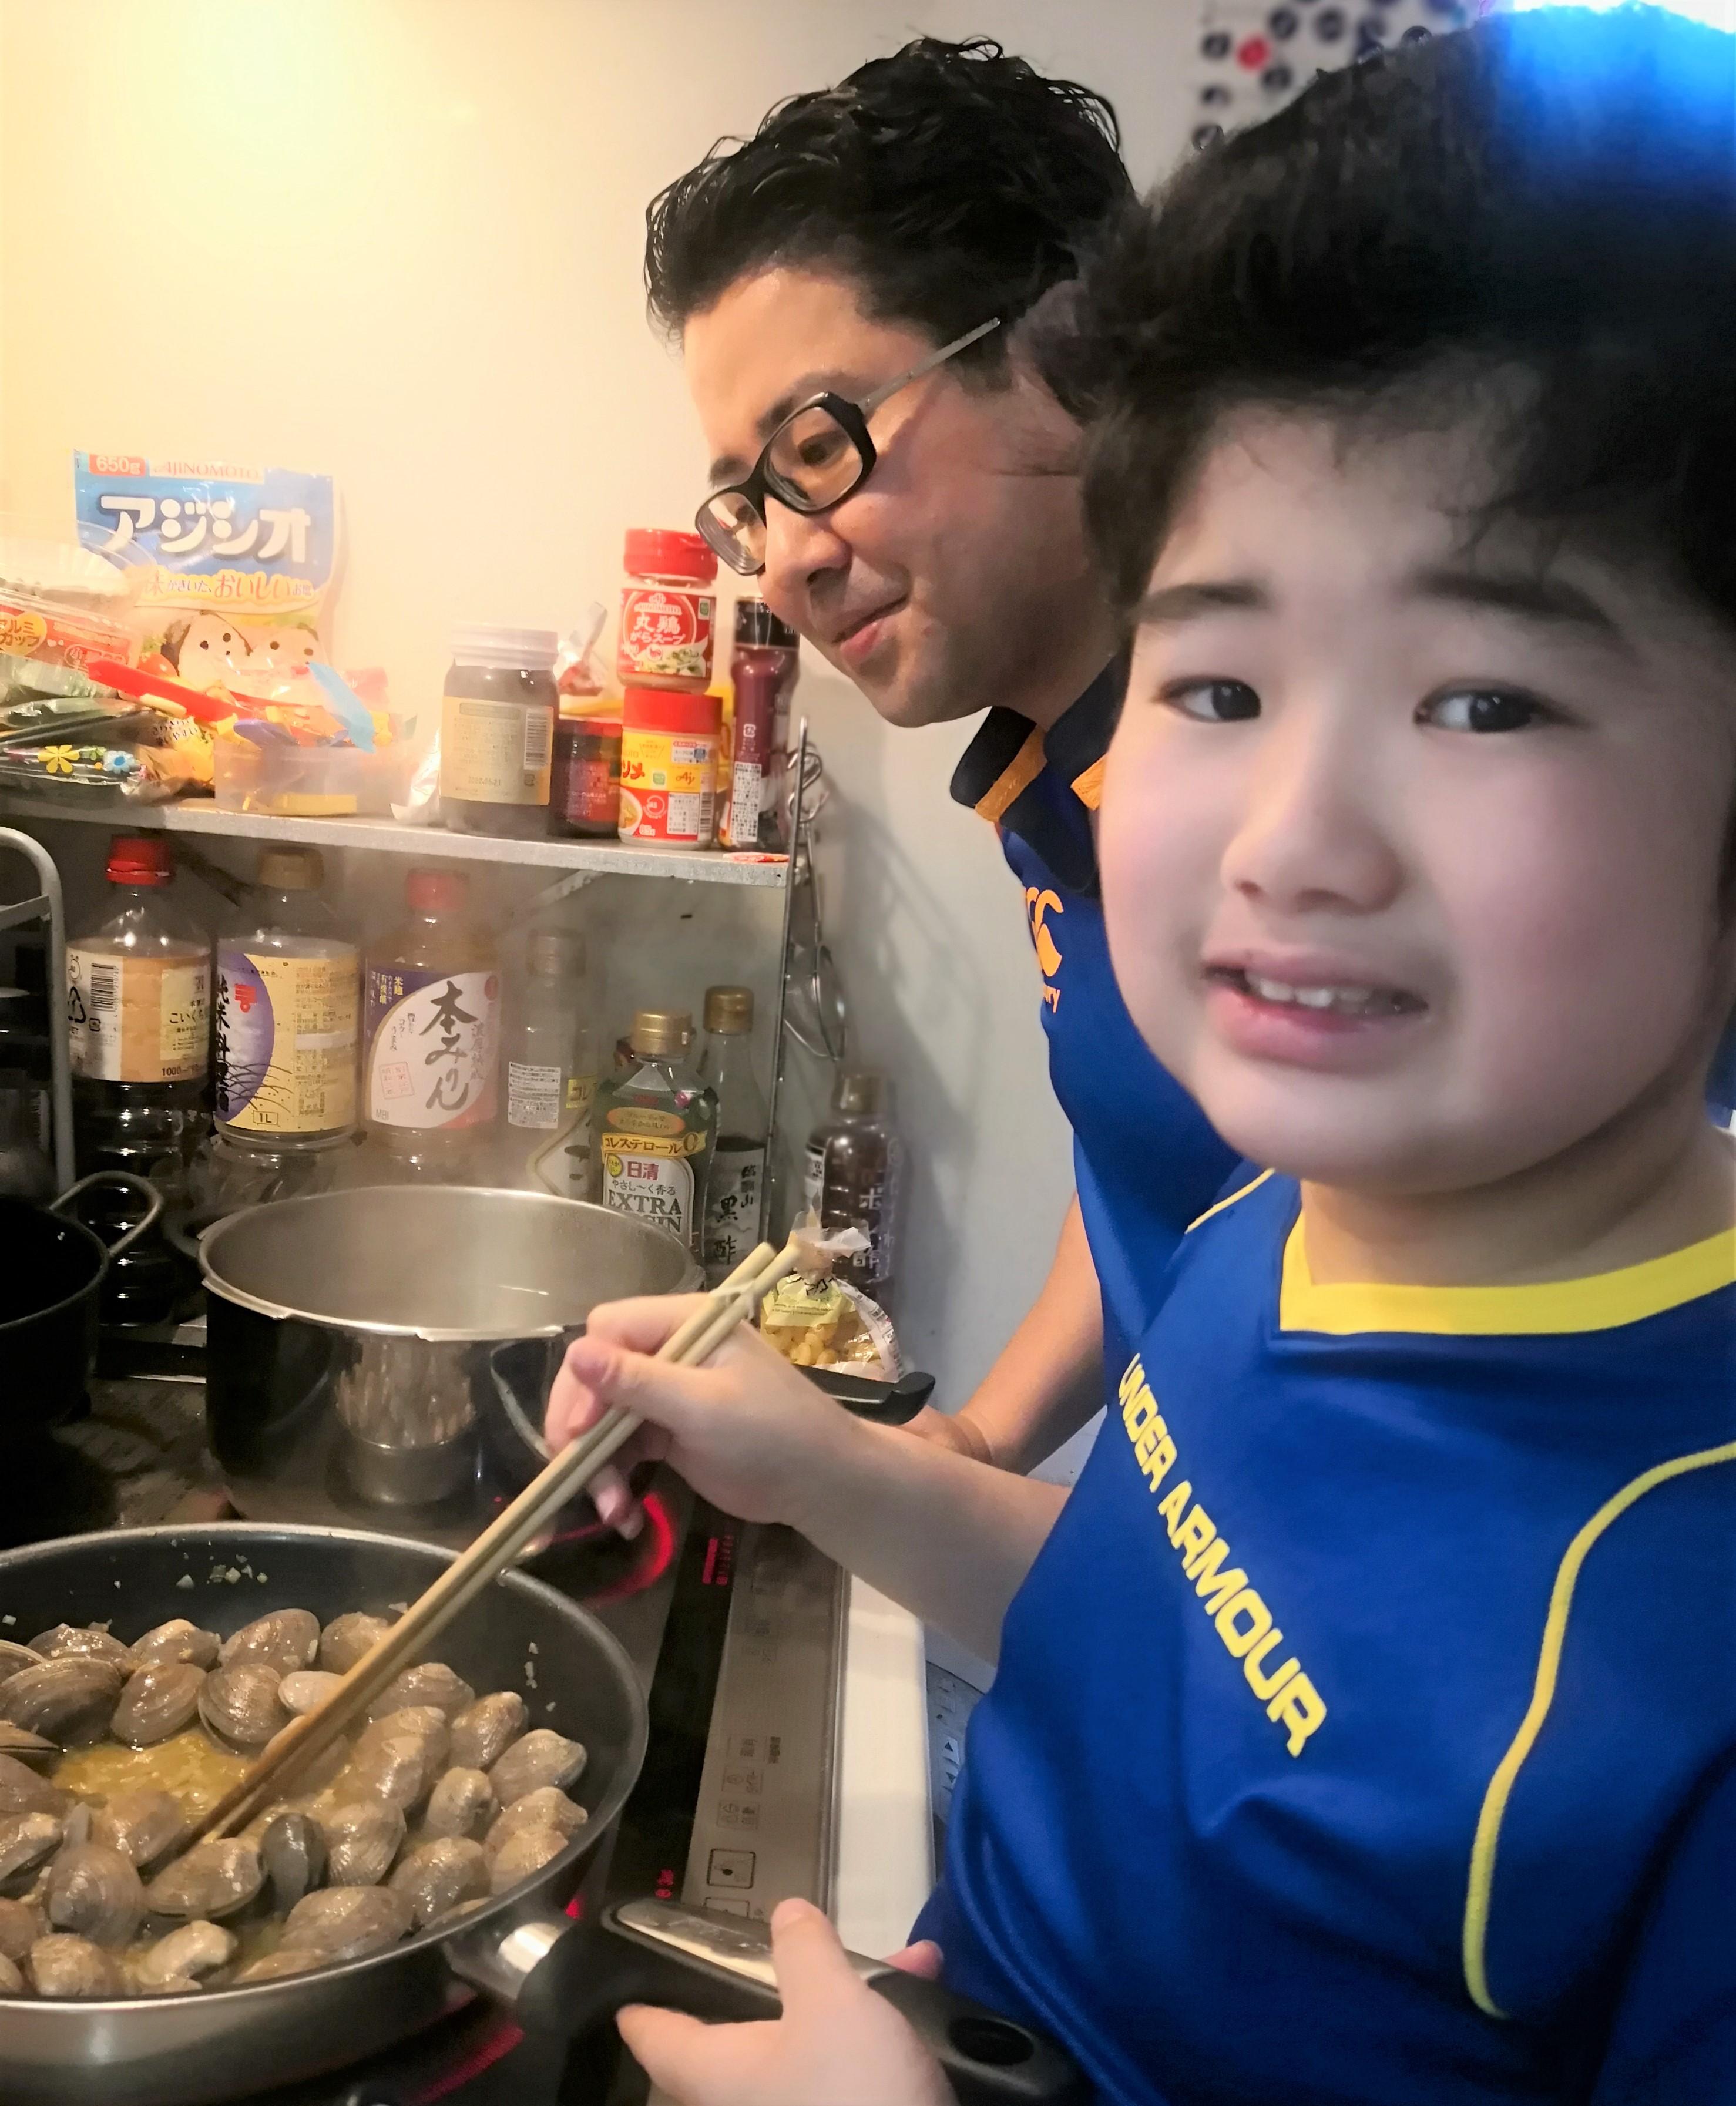 福薗さん・お子さん・料理